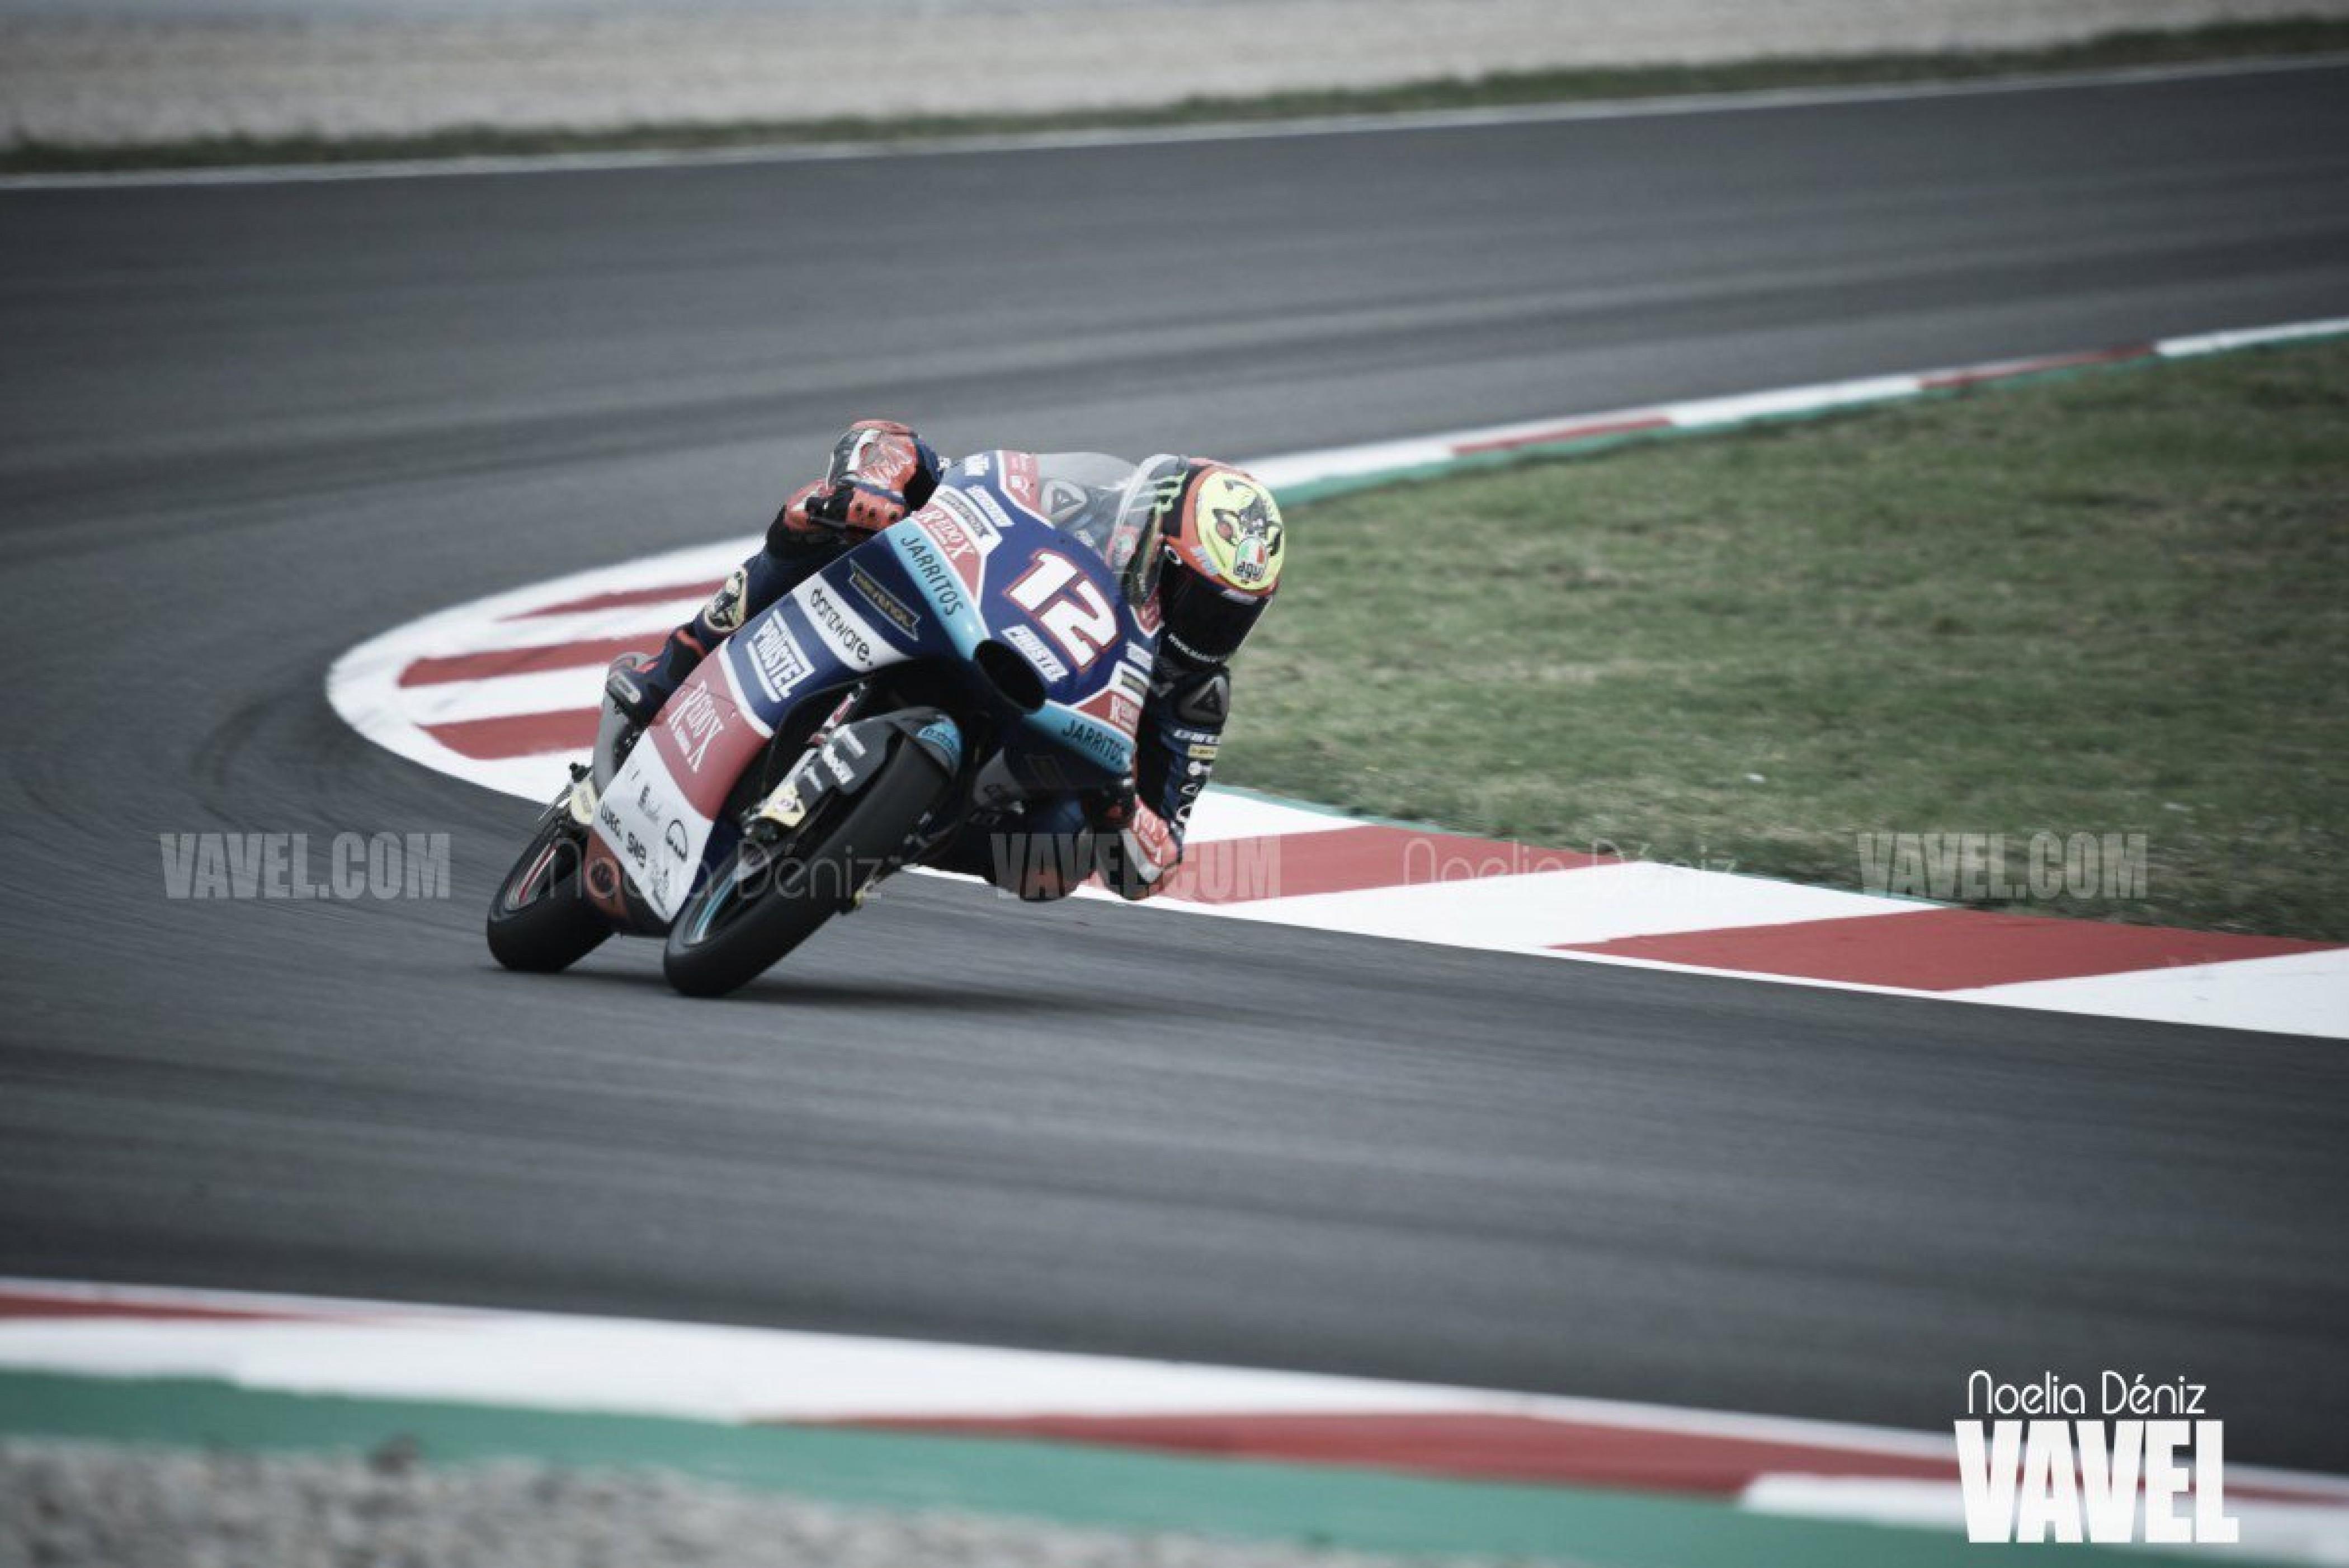 Moto3 Gp Misano: Vince Dalla Porta e Martin torna leader del mondiale